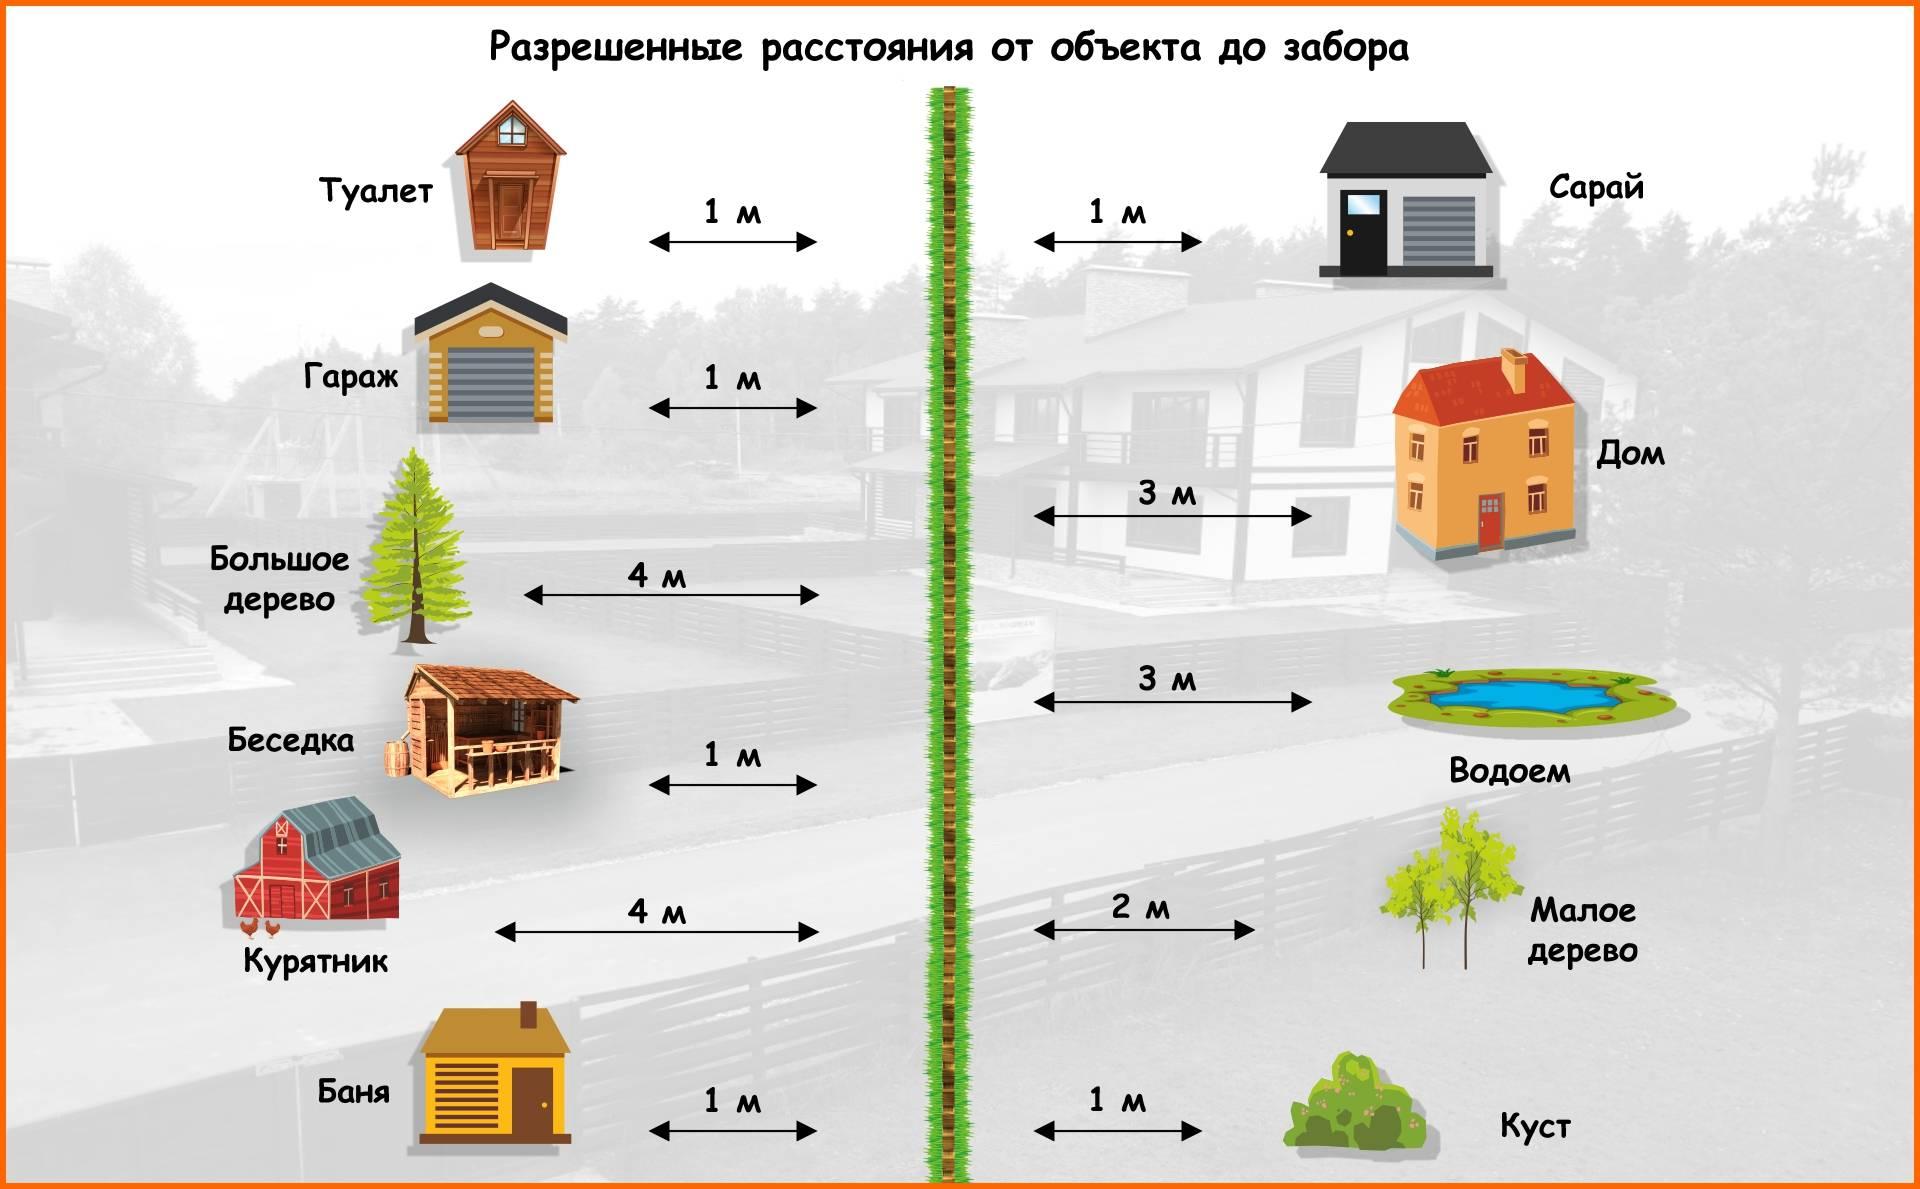 Снипы – что нужно знать обязательно знать владельцу земельного участка до начала строительства дома!